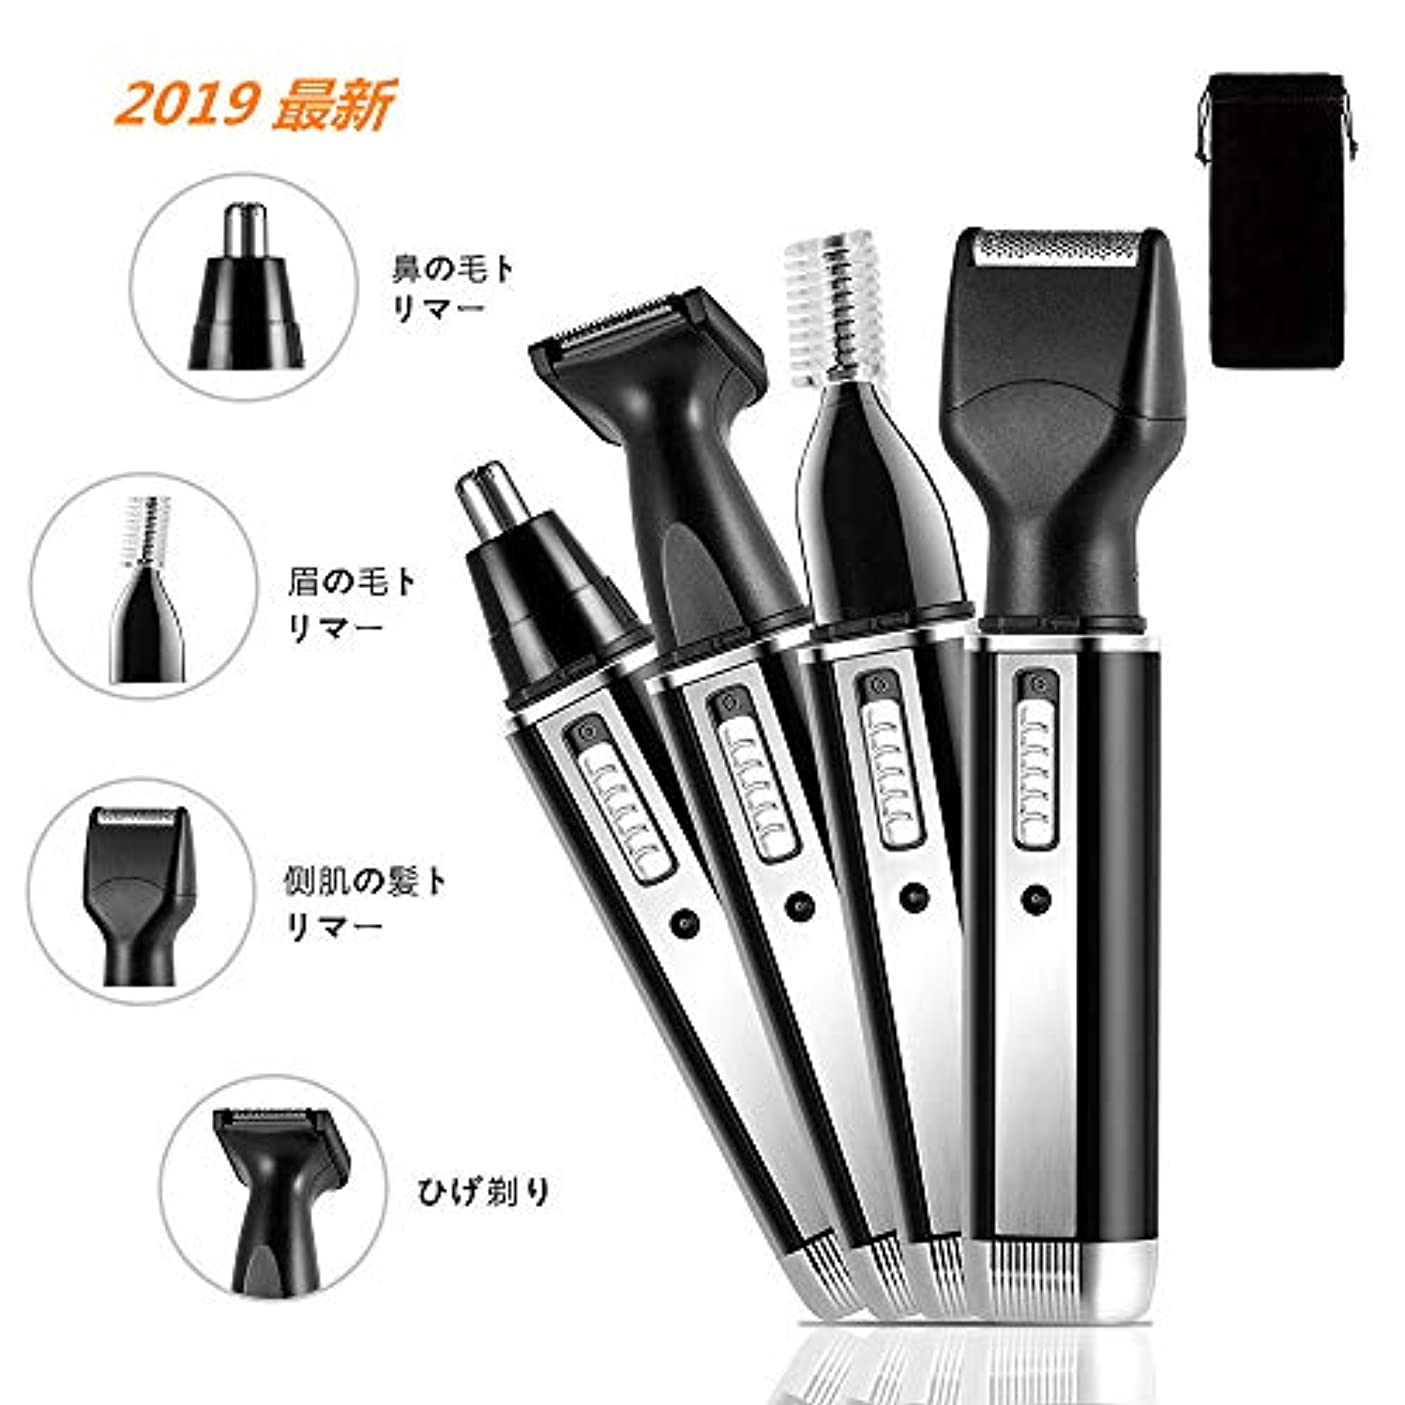 エチケットカッター 鼻毛/マユ/ヒゲ/耳毛カッター マルチトリマー 多機能性4in1 USB充電式 内刃水洗い低騒音 専用ブラシ付き 携帯便利 男女兼用